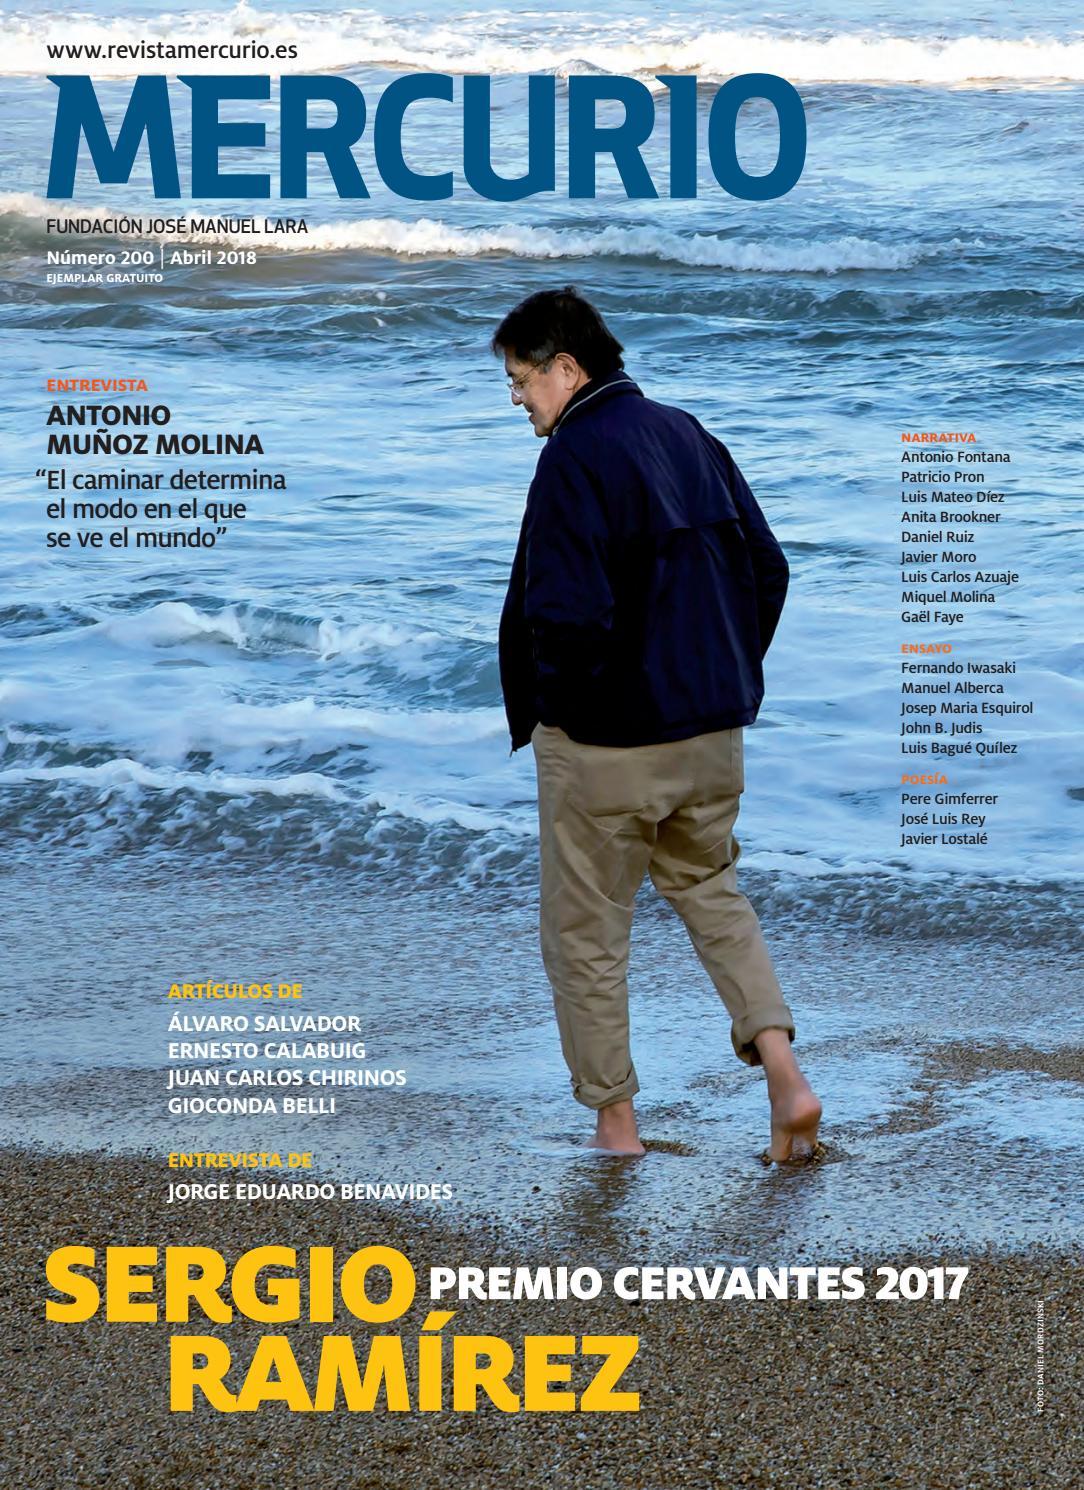 Mercurio 200 - Sergio Ramírez. Premio Cervantes 2017. by mario guerola -  issuu